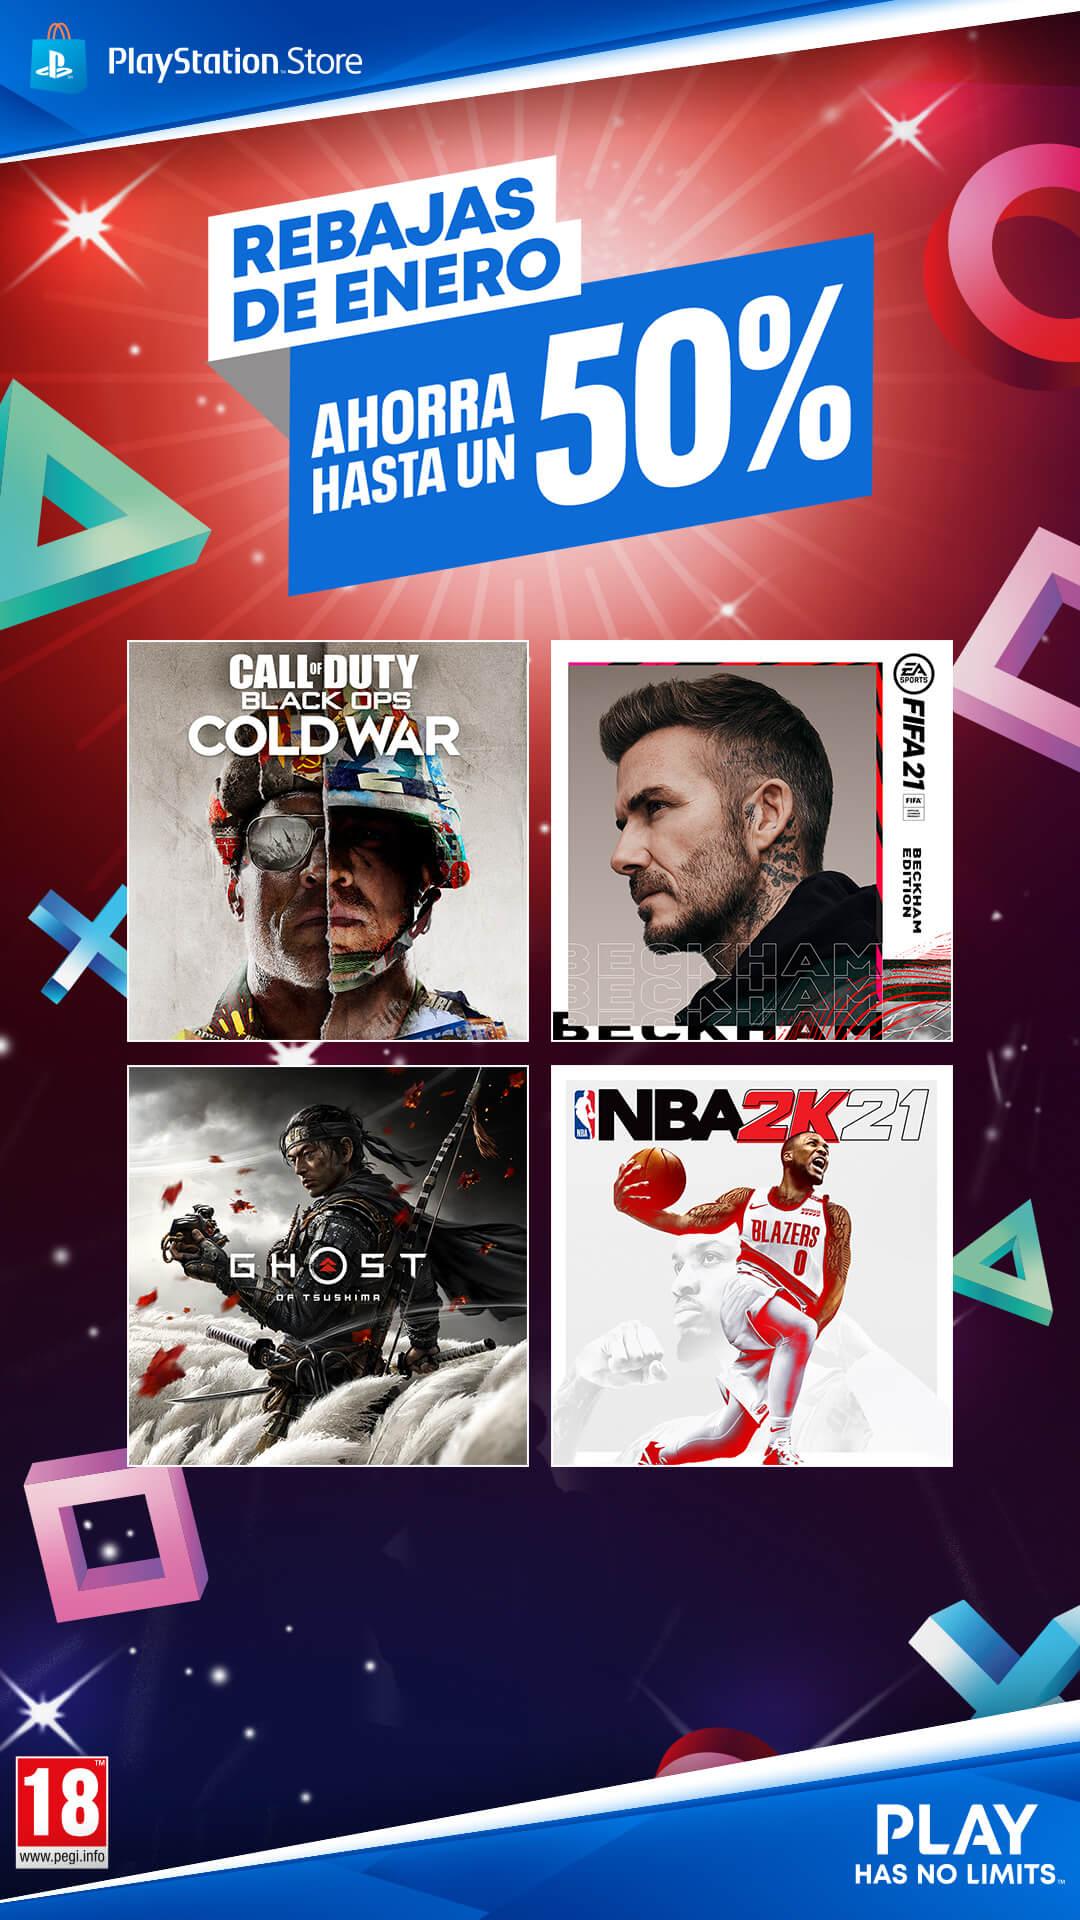 Rebajas de Enero en PlayStation